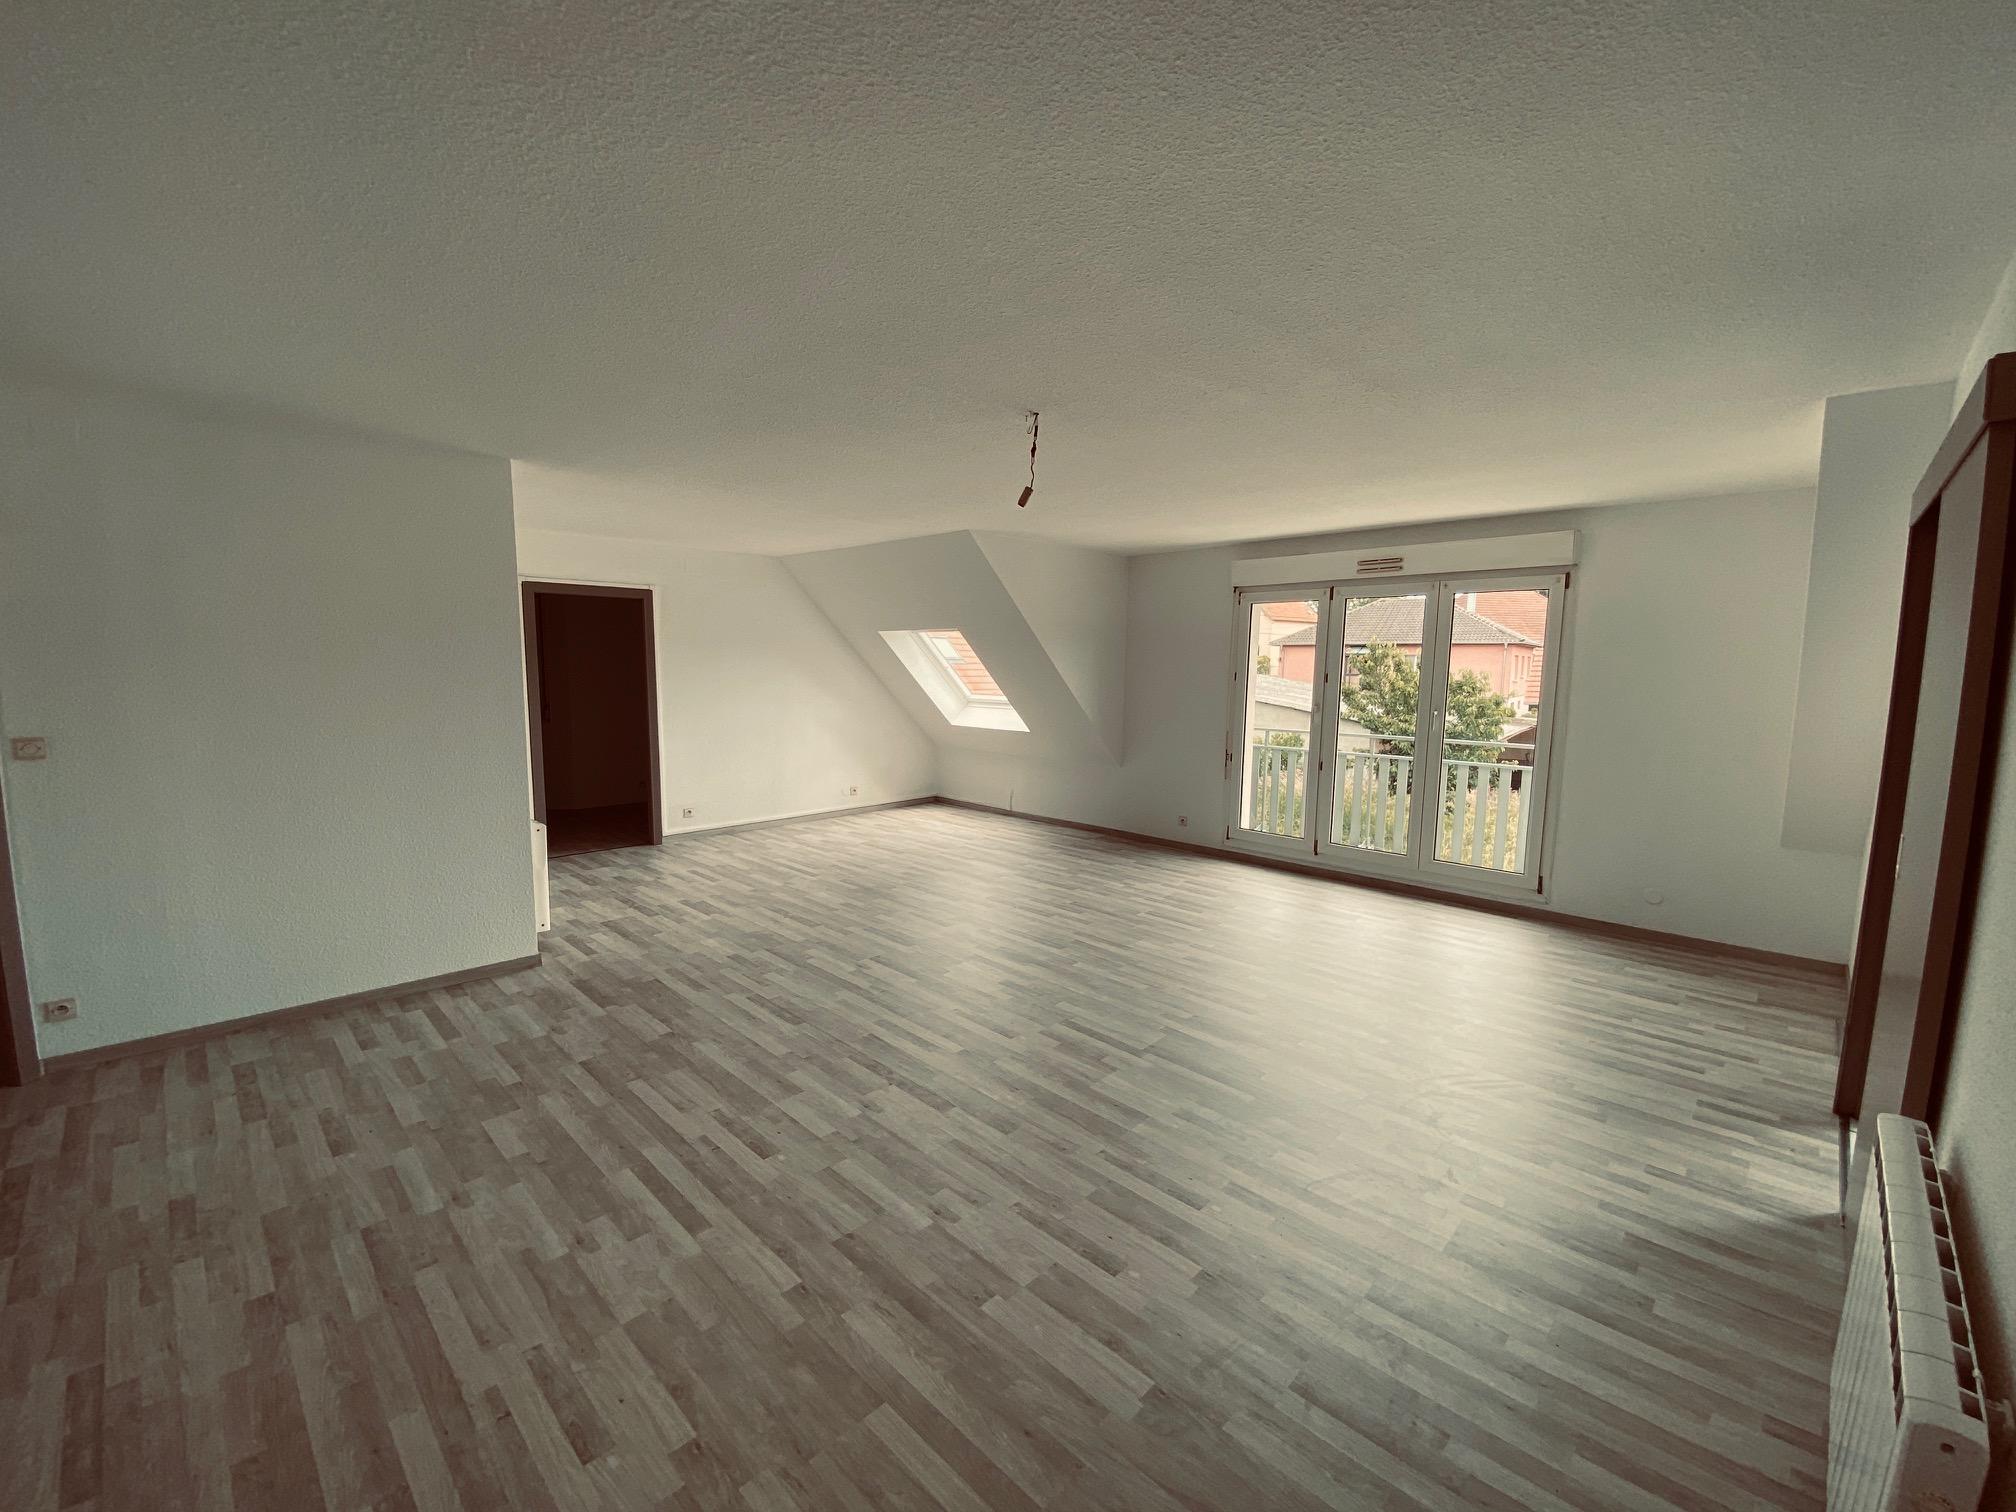 Morschwiller le Bas, Appartement 4-5 pièces, cuisine équipée, garage